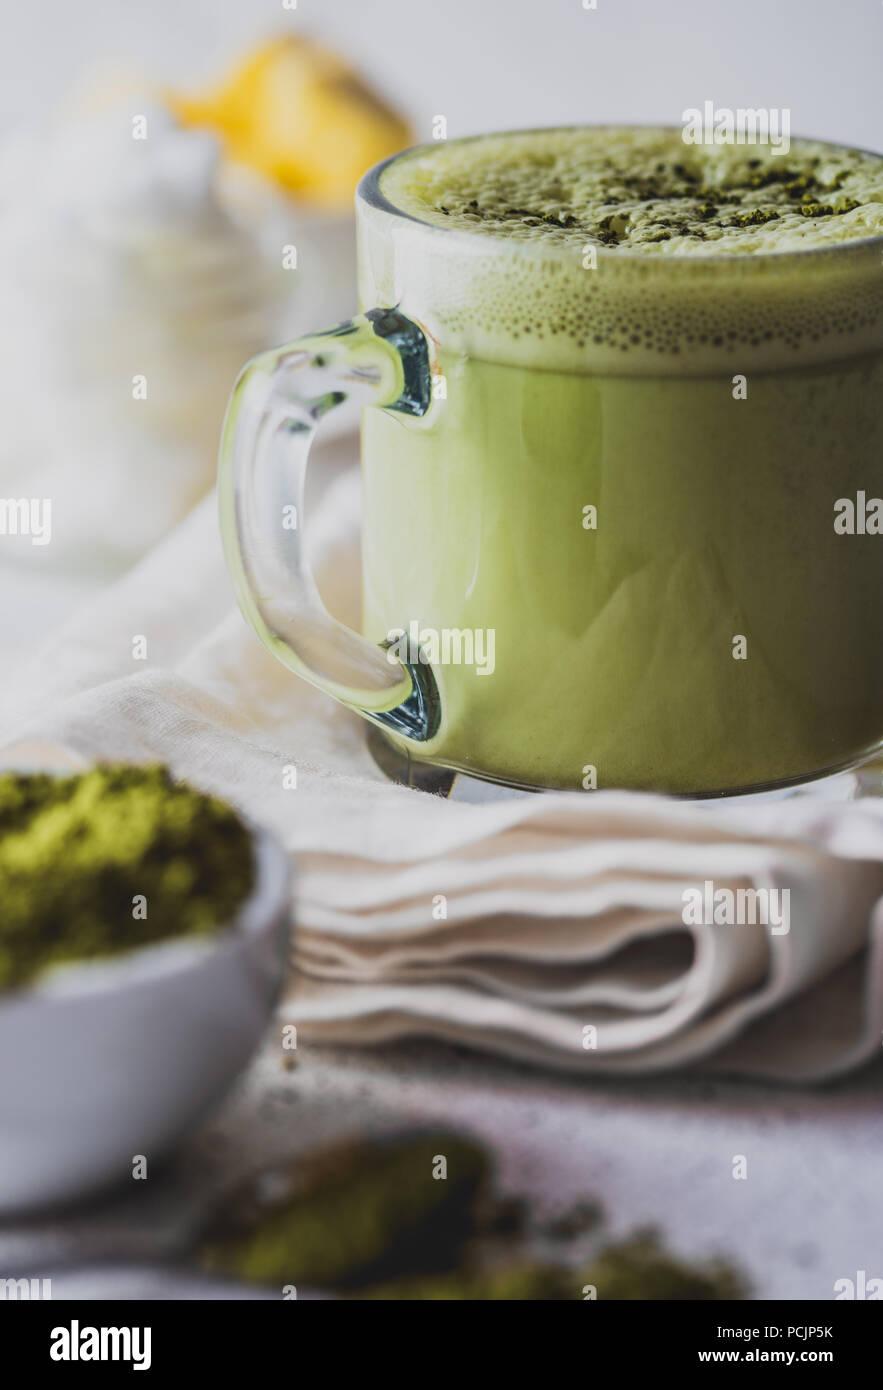 BULLETPROOF MATCHA. Ketogenic dieta cheto bevanda calda. Il tè matcha miscelato con olio di noce di cocco e il burro. Tazza di bulletproof matcha e ingredienti su sfondo bianco Immagini Stock